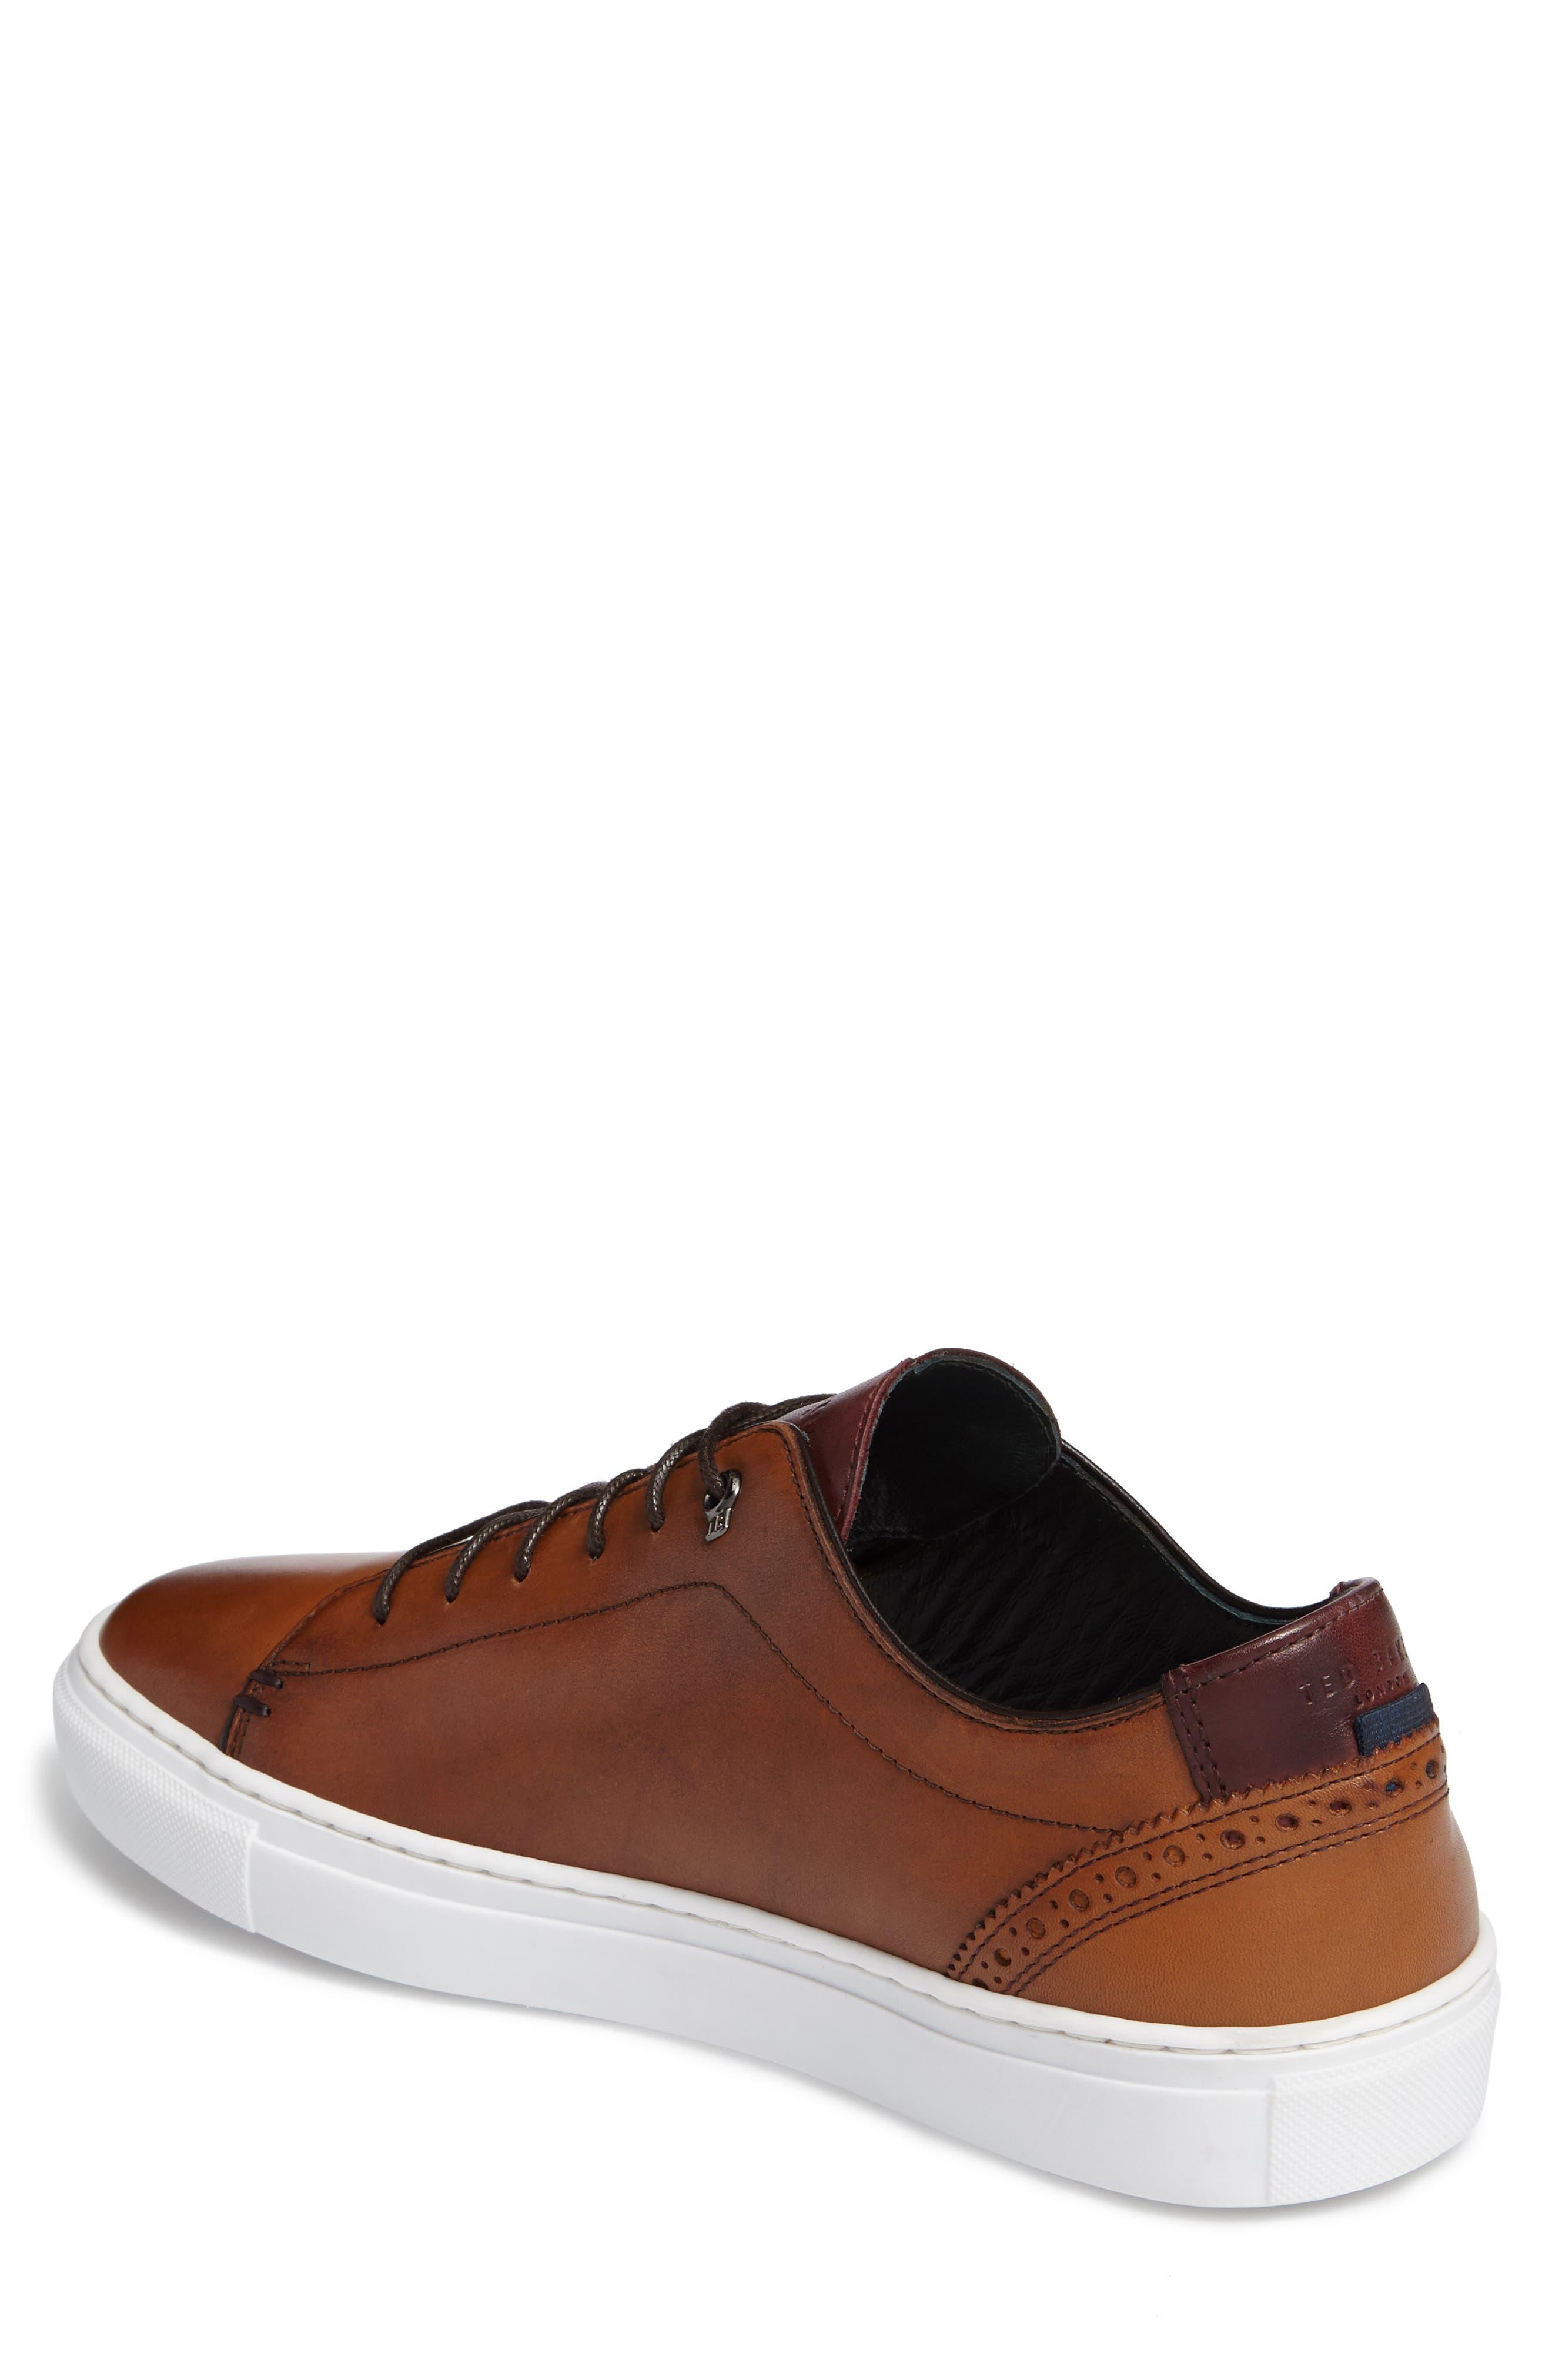 Alternate Image 2  - Ted Baker London Duuke Sneaker (Men)